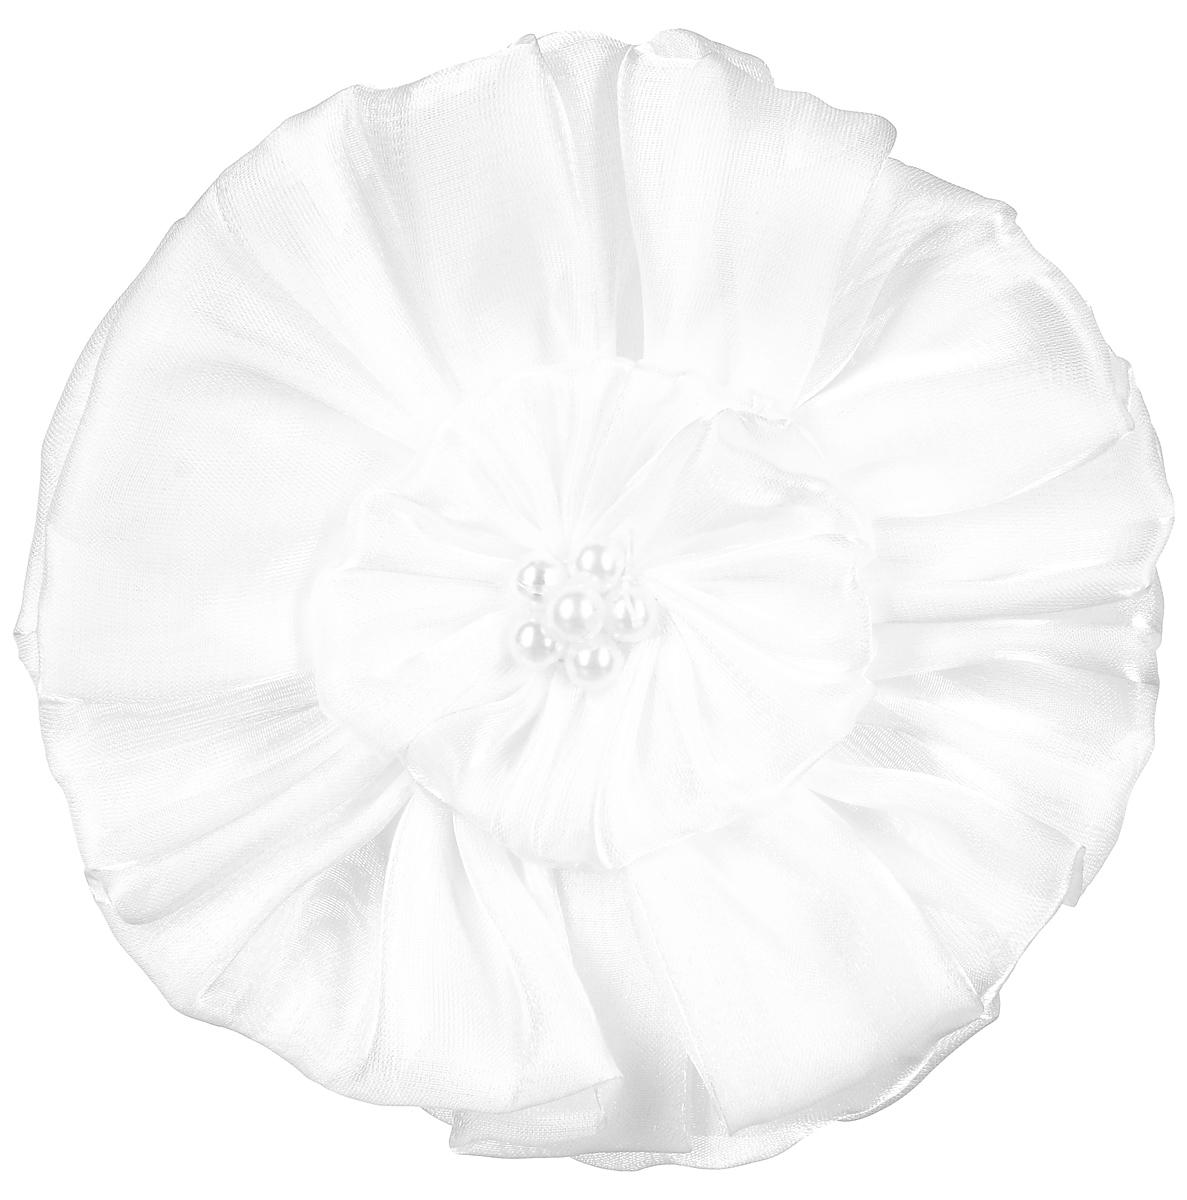 Резинка-бант Fashion House, цвет: белый. FH318273003Резинка для волос Fashion House выполнена из текстиля белого цвета, украшена большим цветком центр которого оформлен пластиковыми бусинами. Диаметр резинки:3 см.